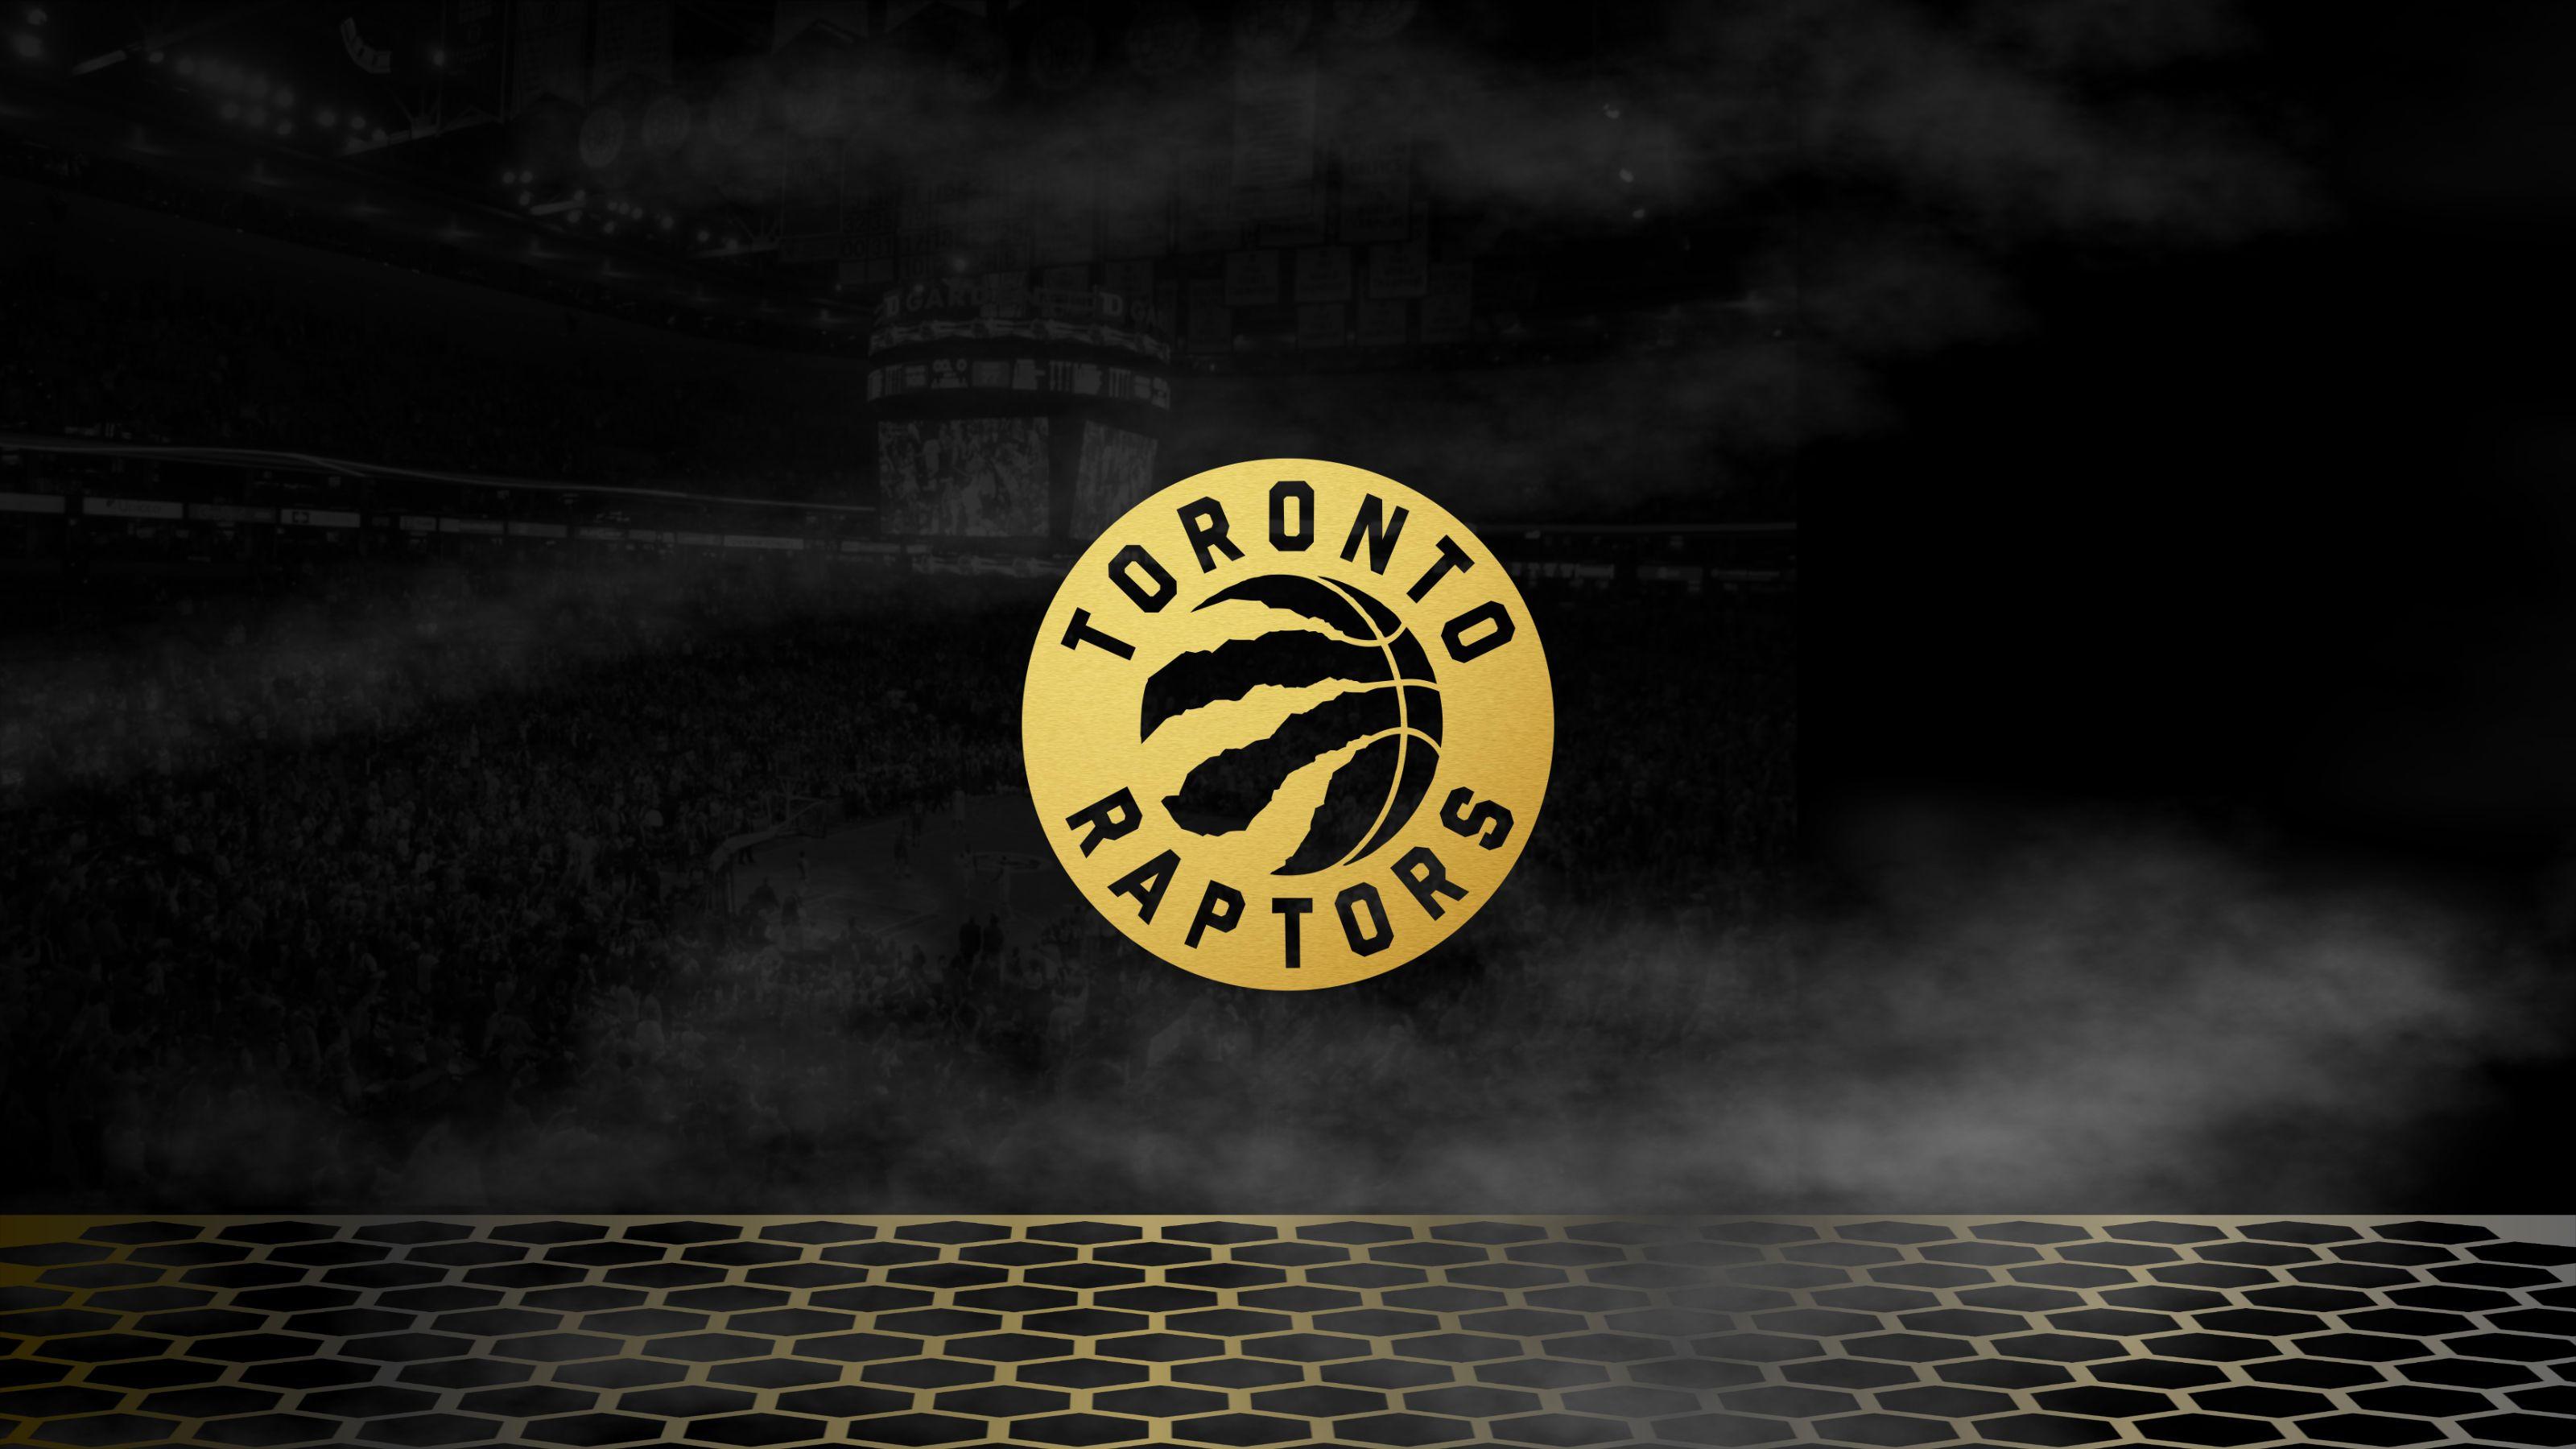 Toronto Raptors Desktop Background Nba Wallpaper In 2020 Nba Wallpapers Nba Background Basketball Wallpaper